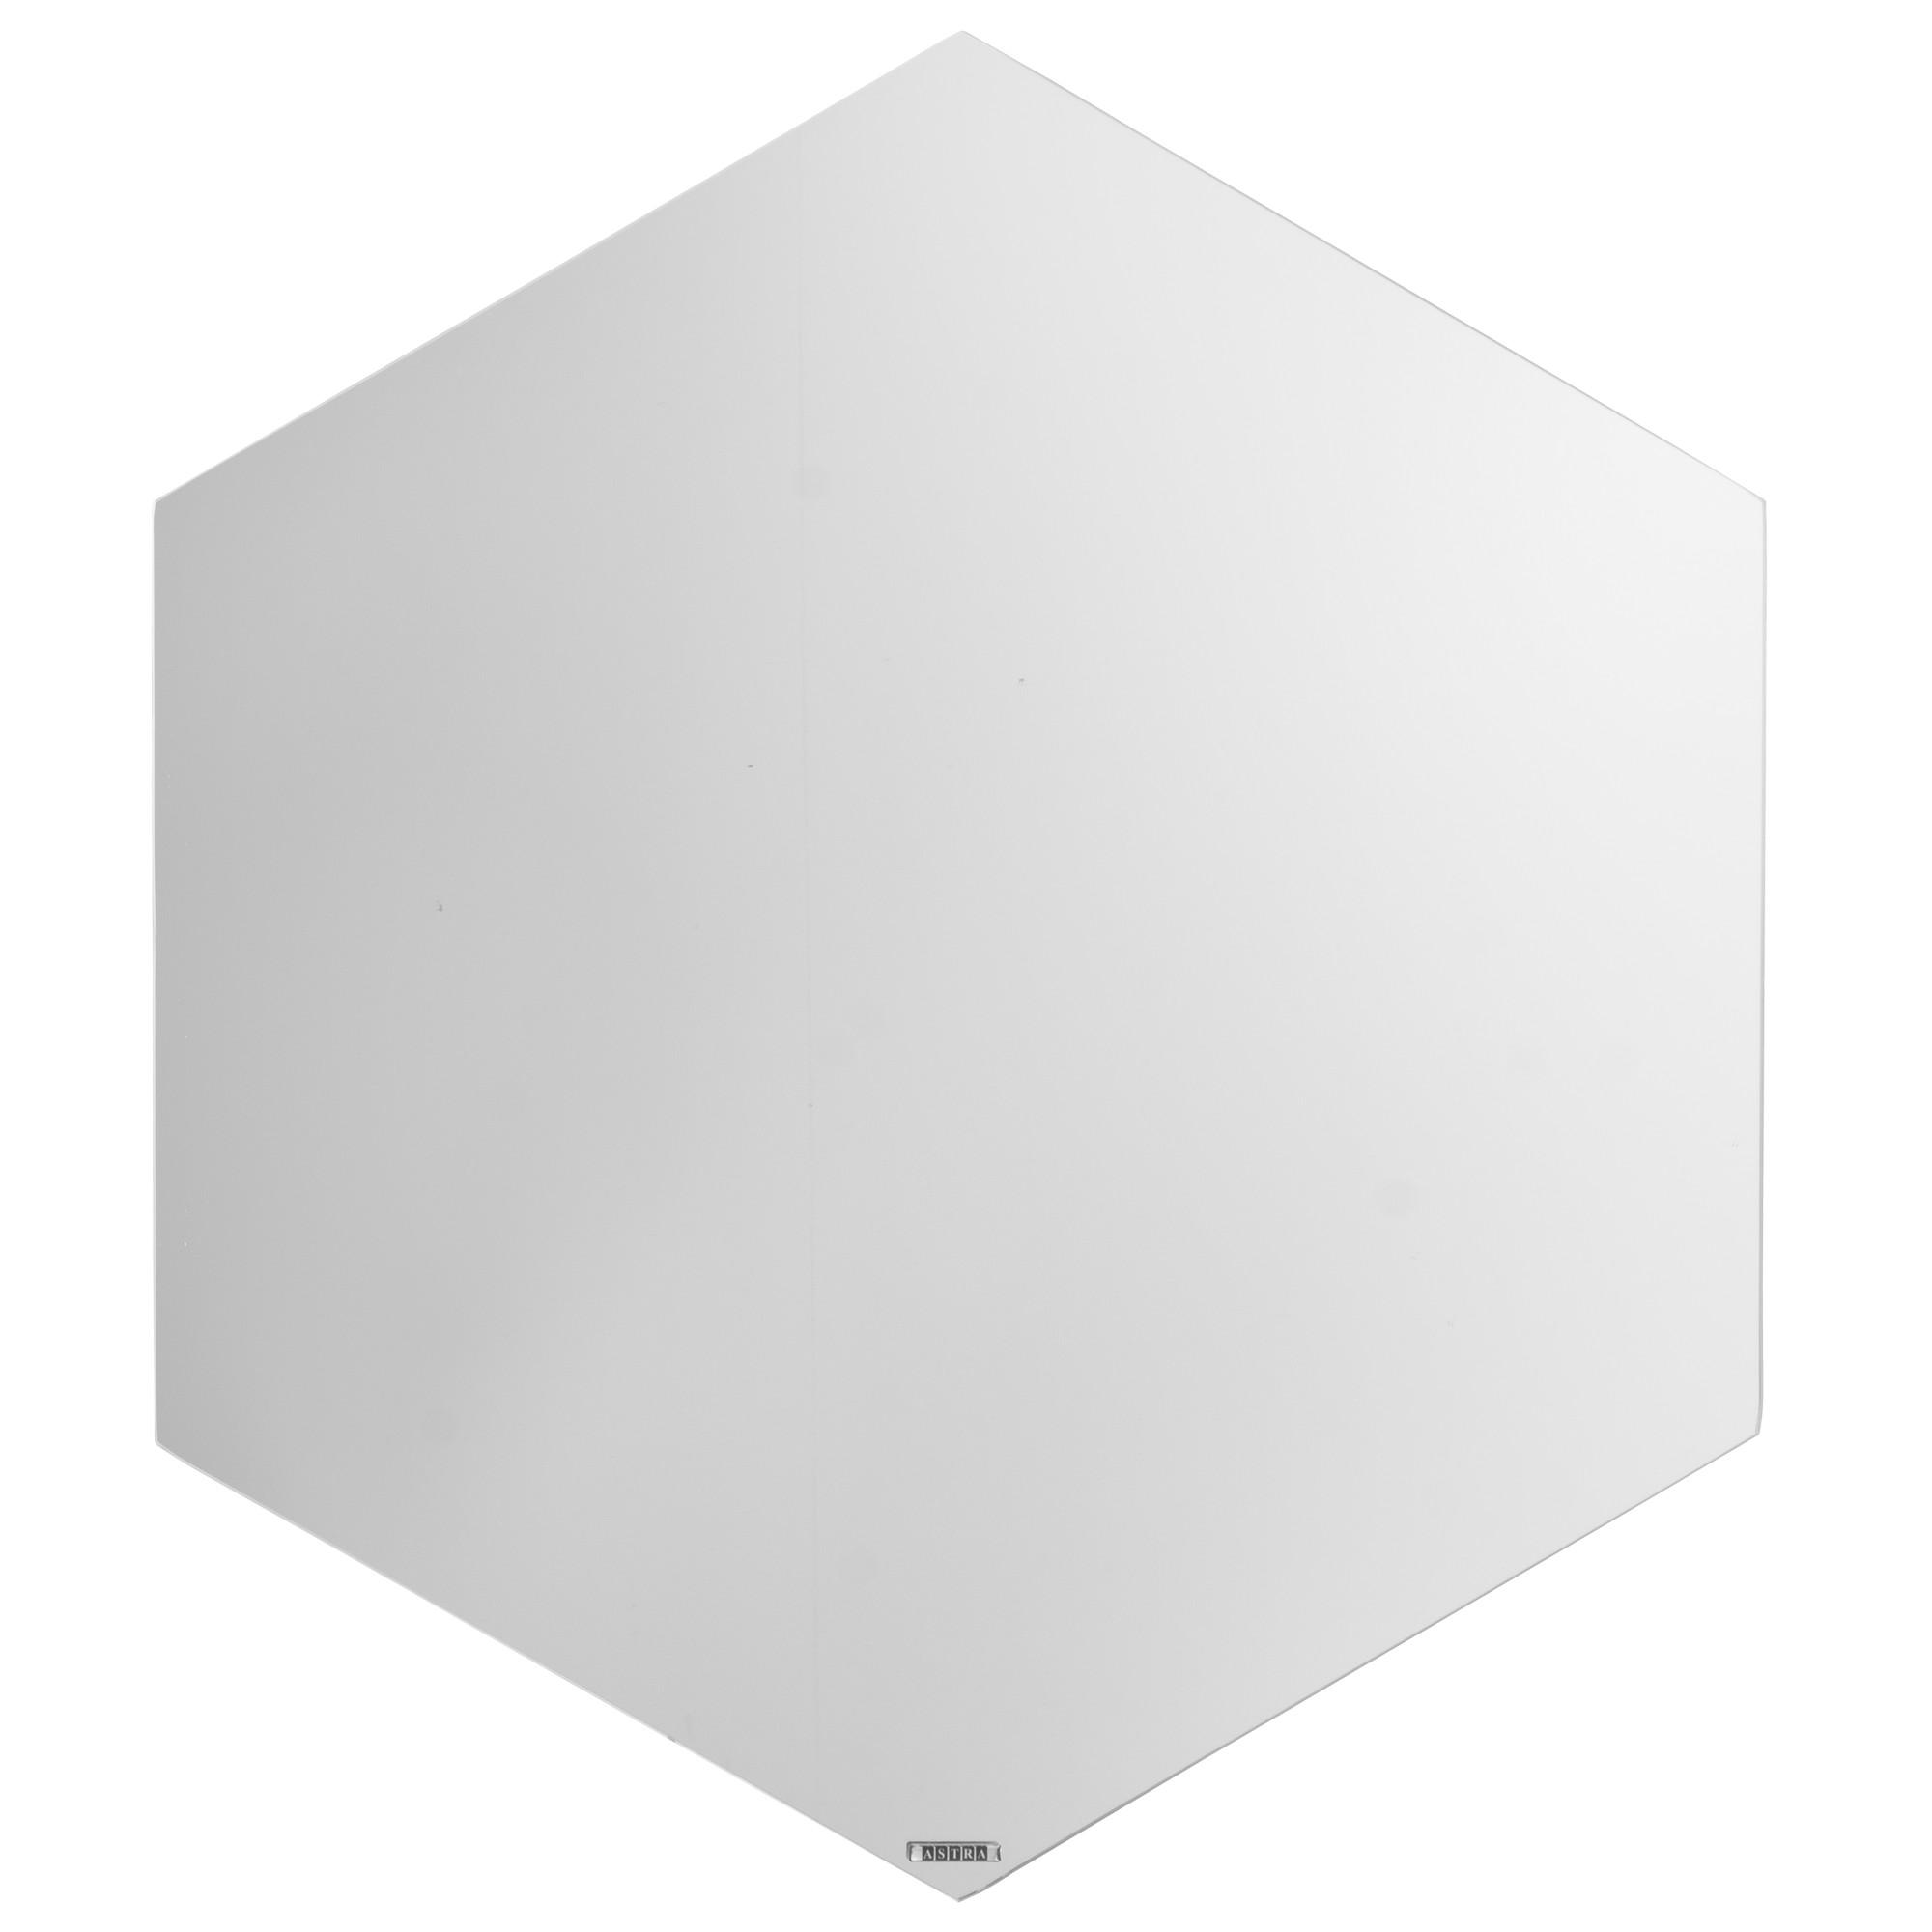 Espelheira Hexagonal 60x52 cm - Astra